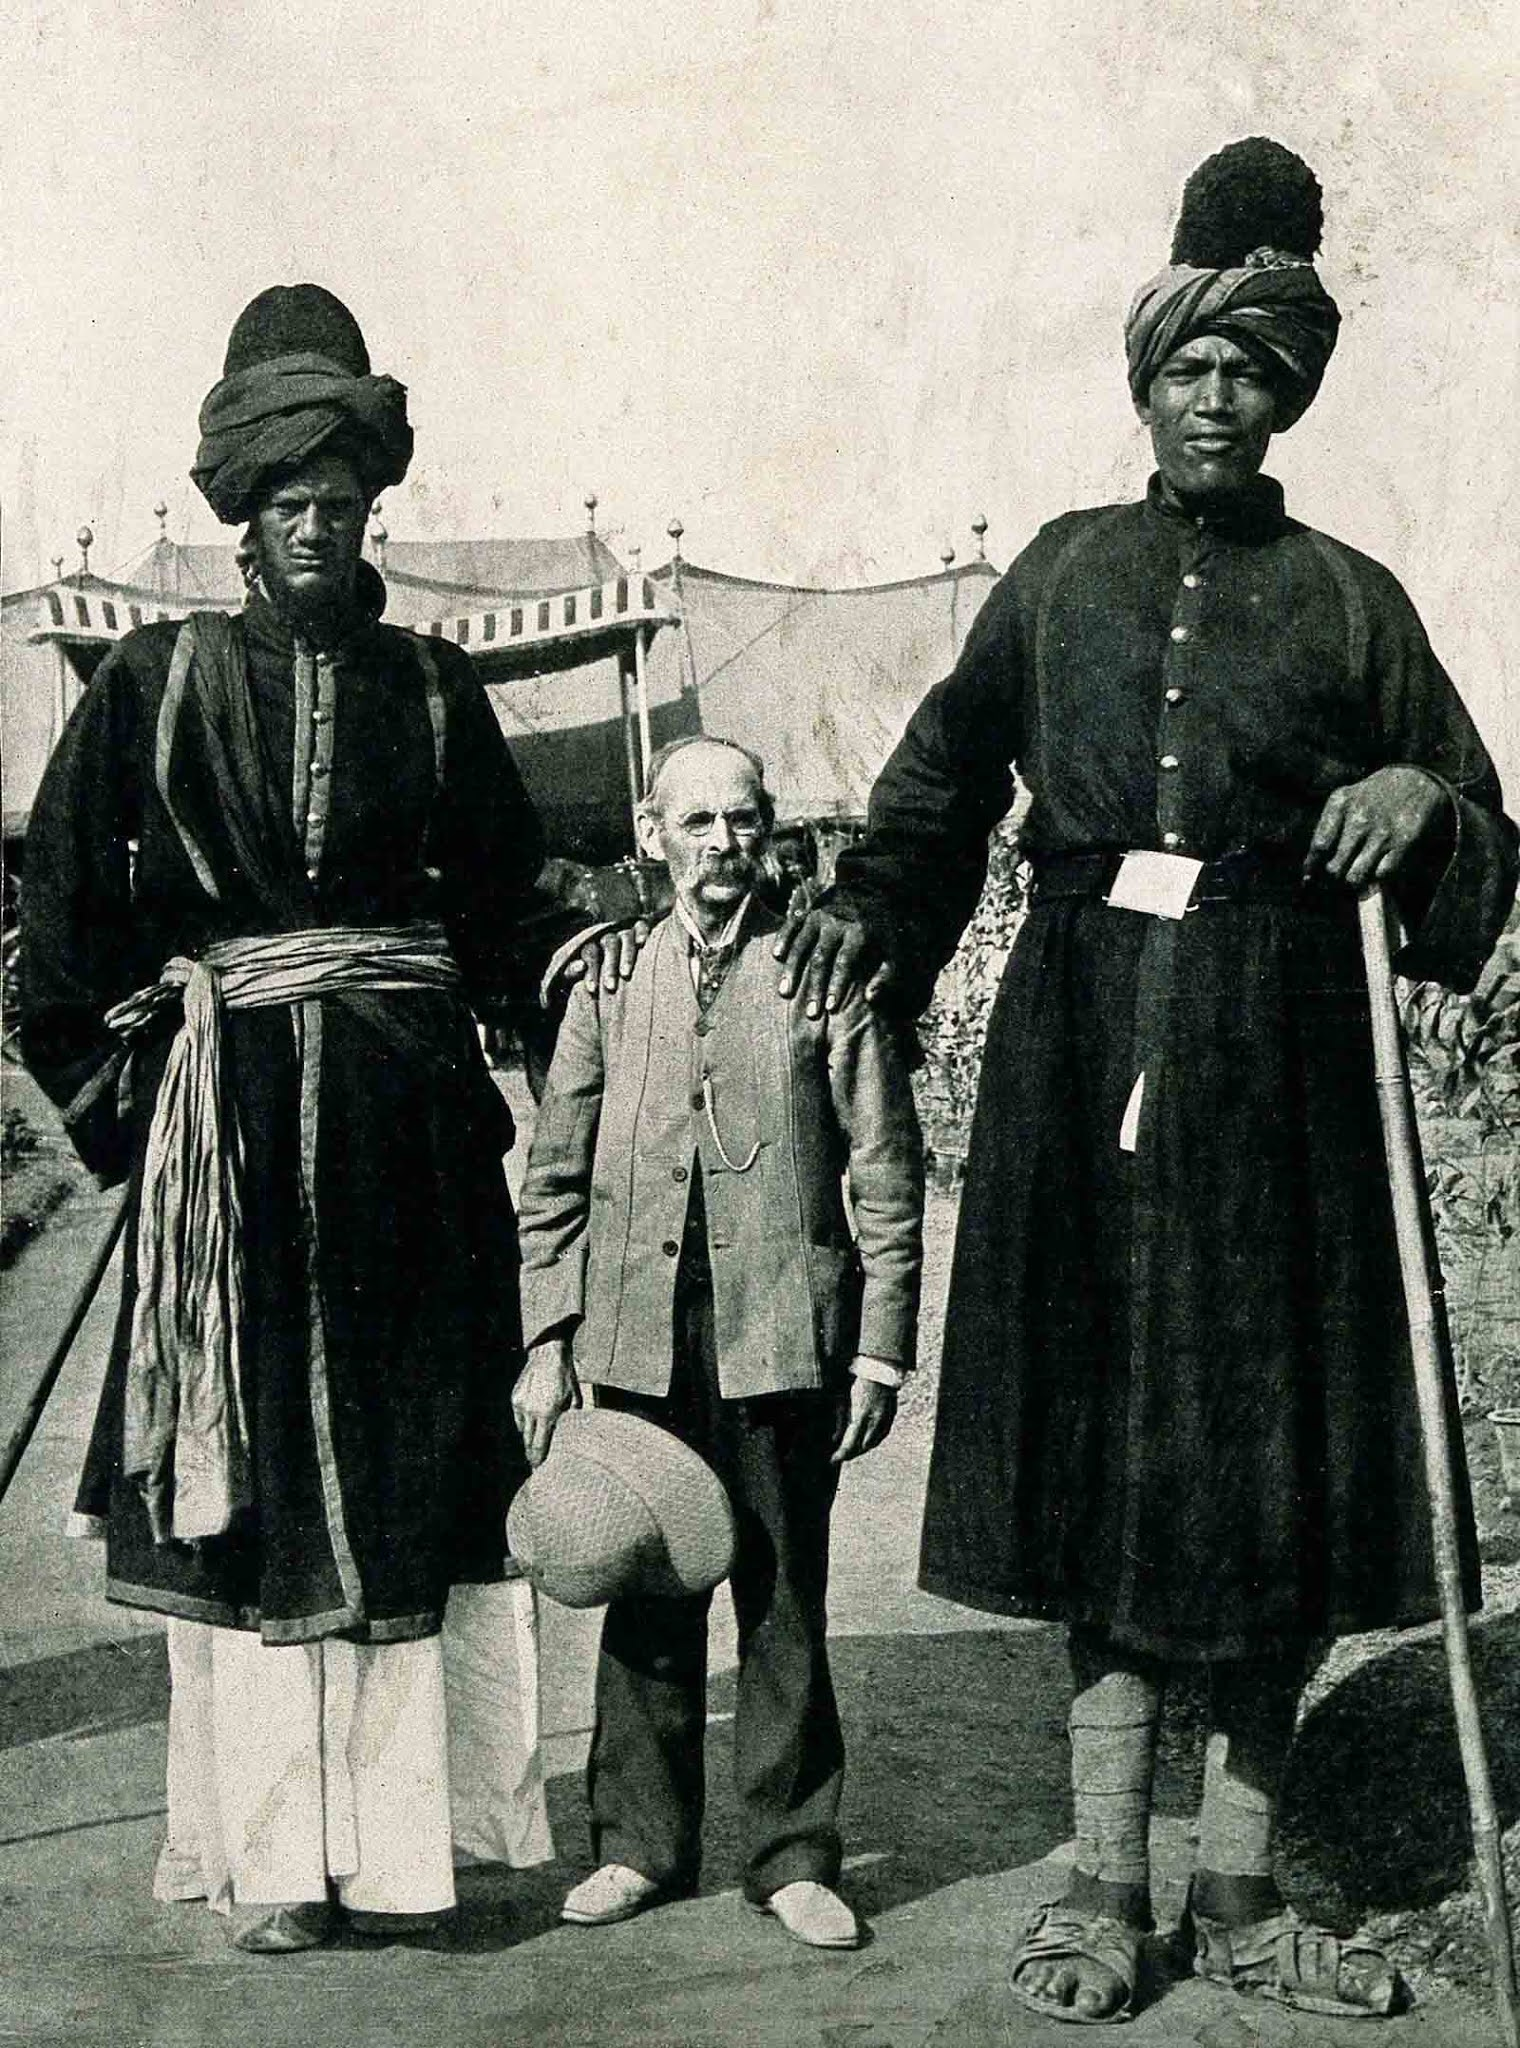 kashmir giants, two giants of kashmir